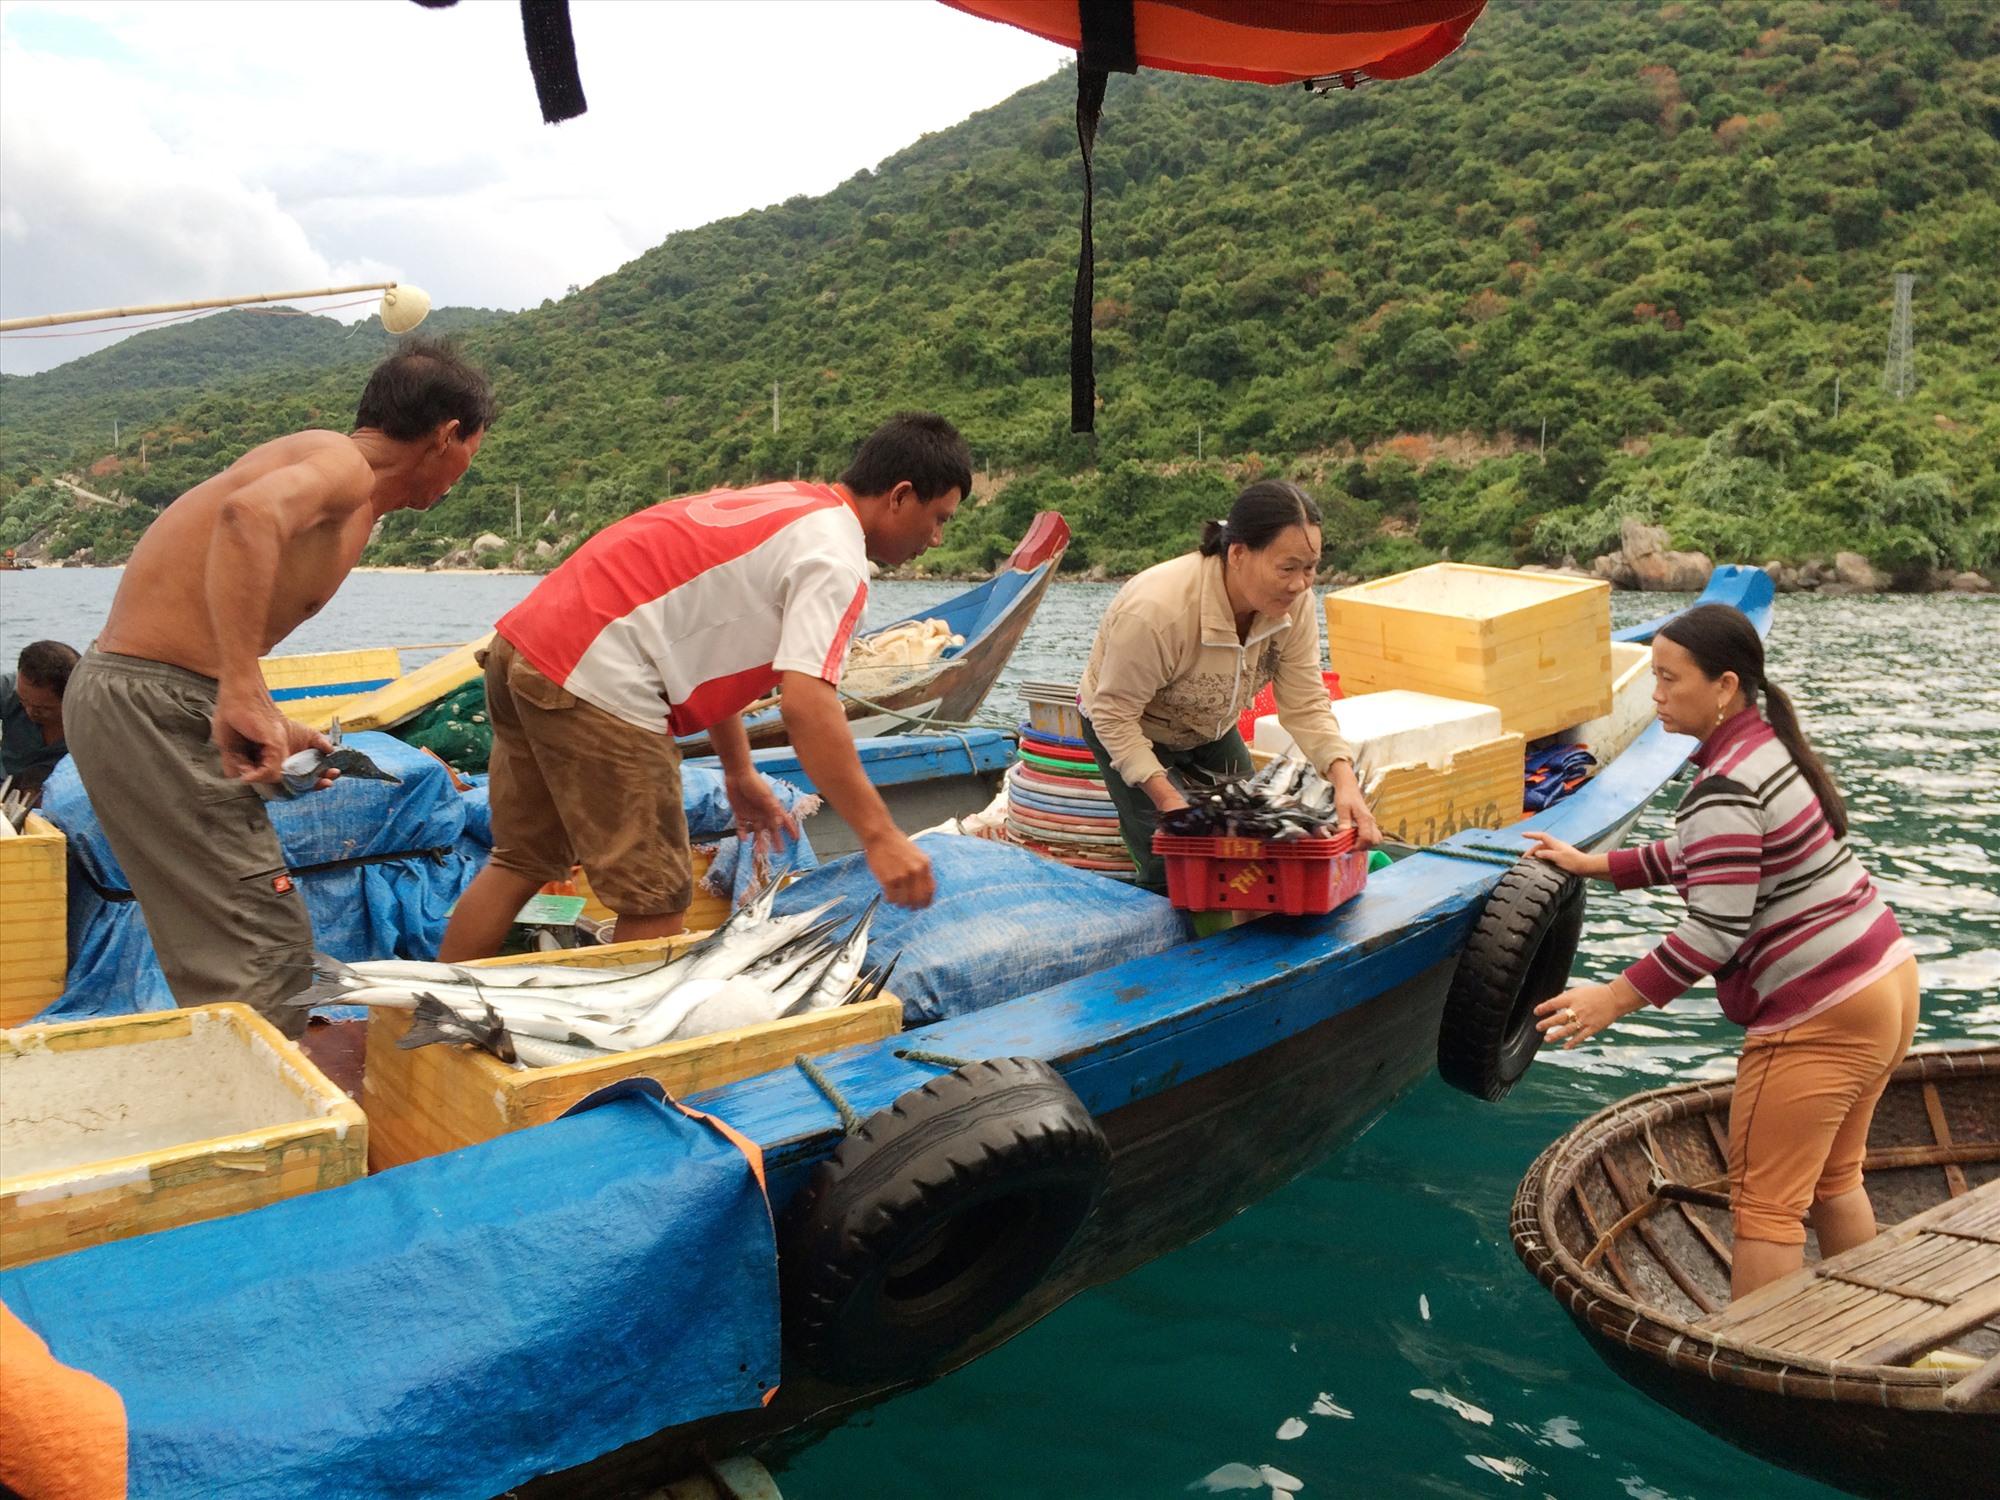 Cần khai thác hợp lý để duy trì nguồn lợi thủy sản trong Khu bảo tồn biển Cù Lao Chàm. Ảnh: Q.Hải